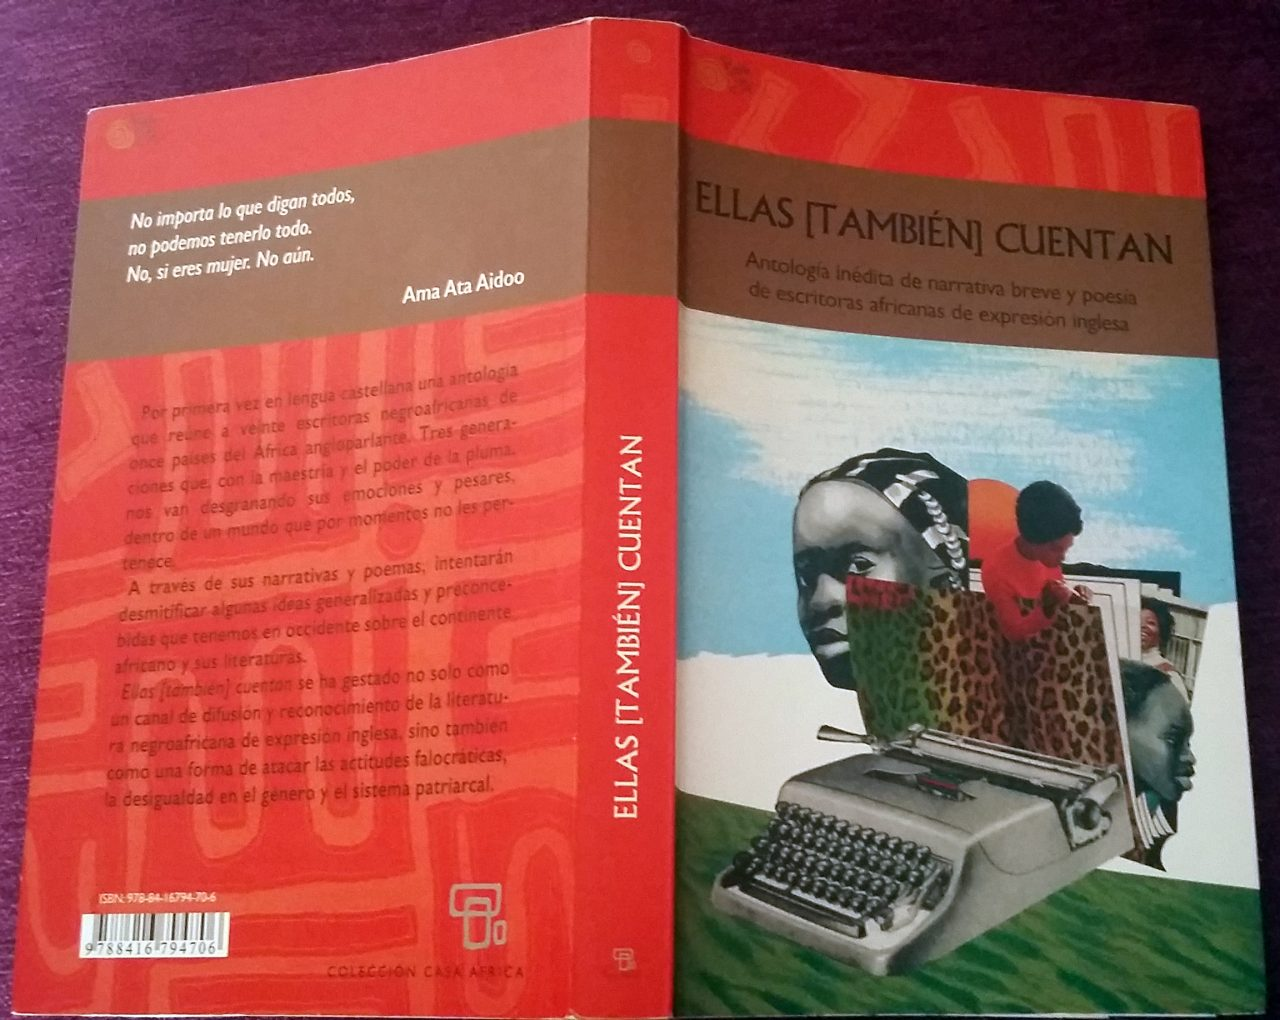 Ellas también cuentan: antología de escritoras africanas